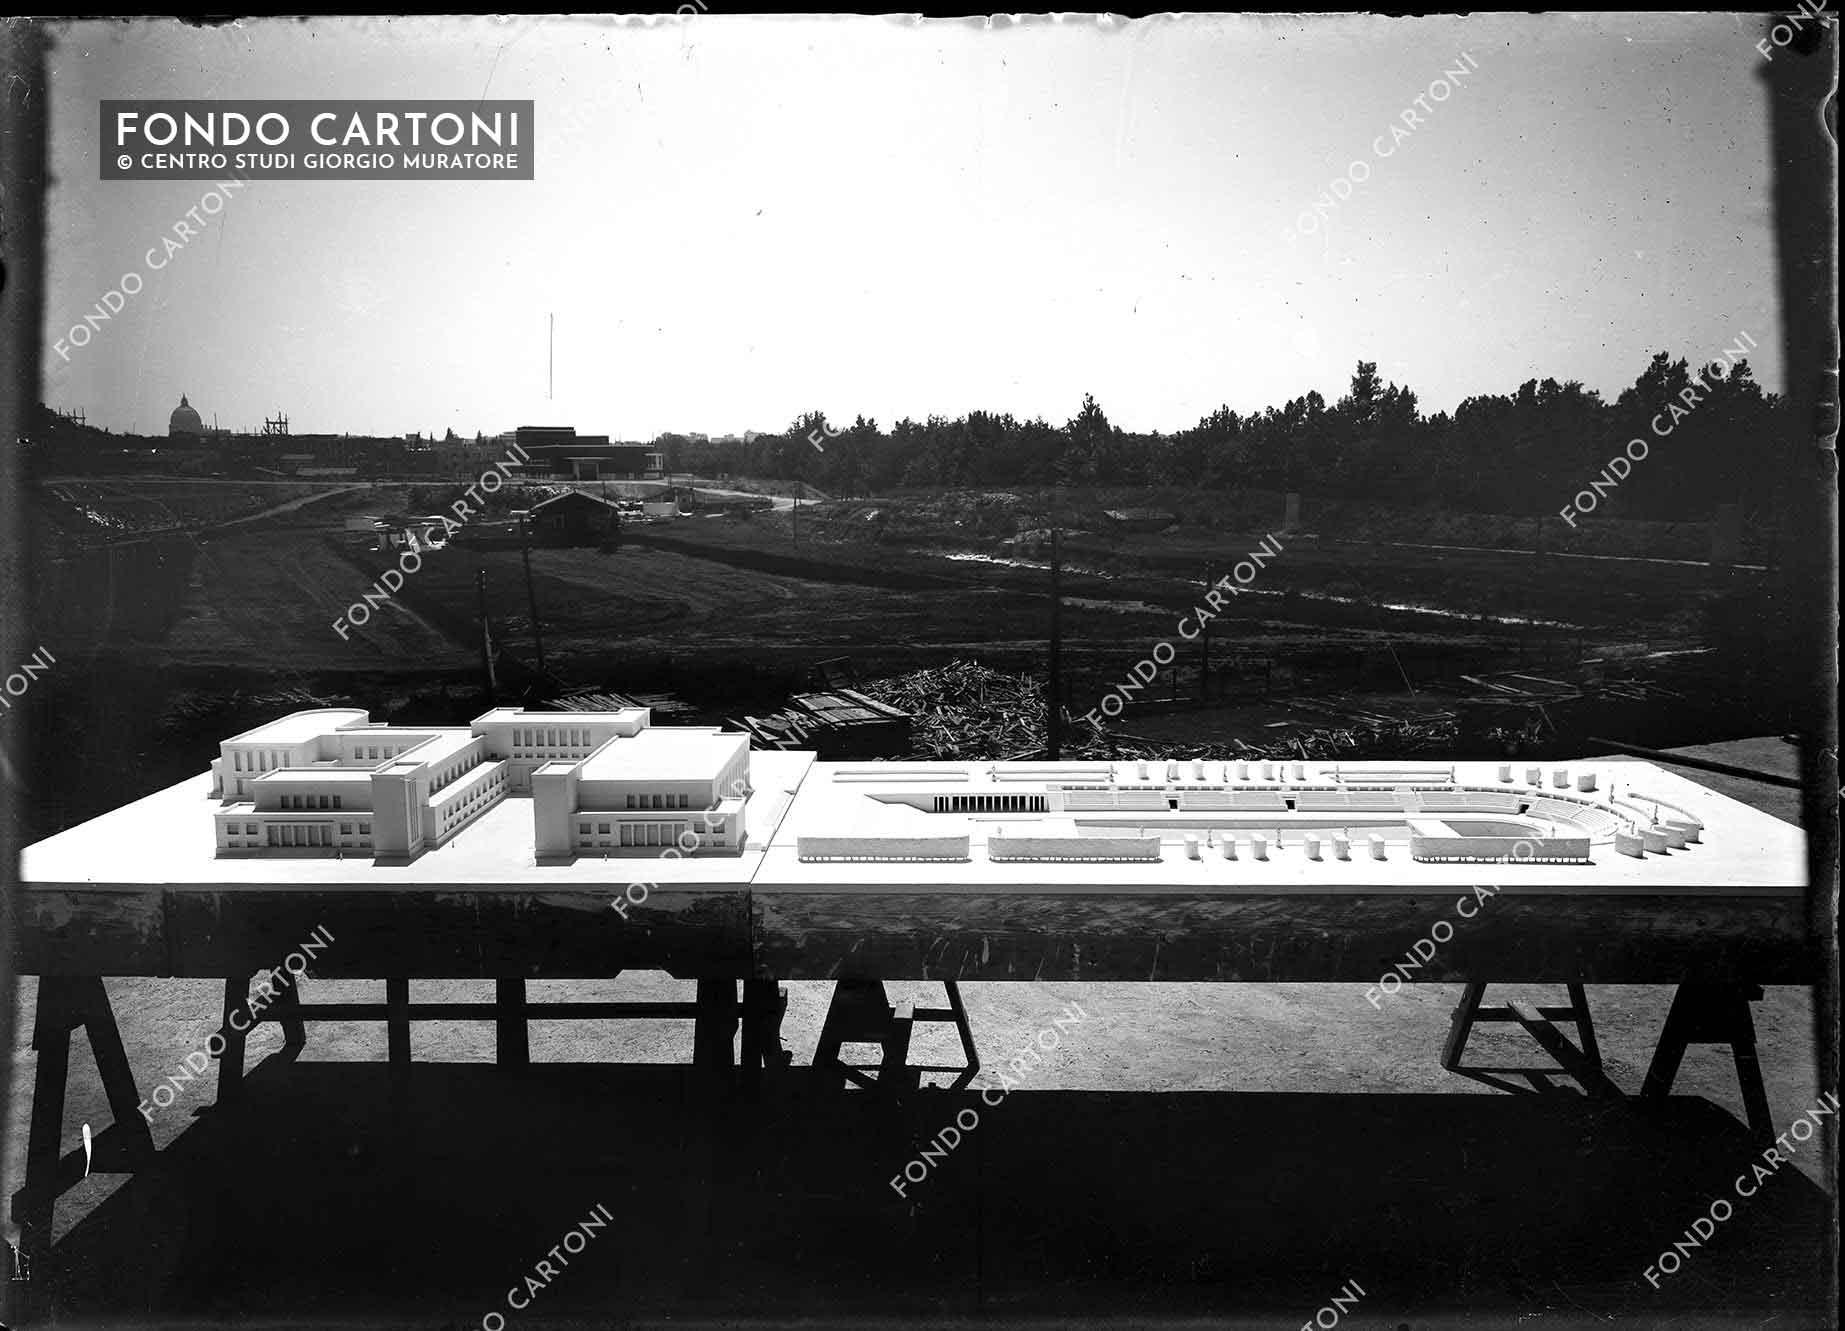 ser. 633 - Fondo Cartoni - © Centro Studi Giorgio Muratore - Archiwatch.it